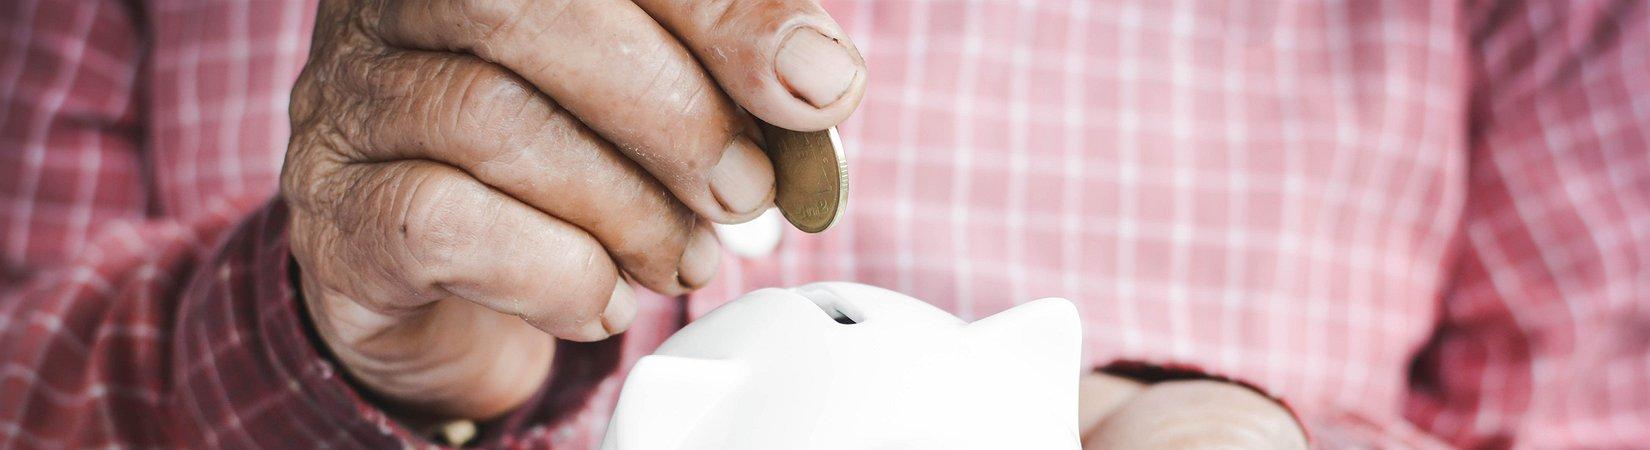 كيف تدخر المال بشكل صحيح